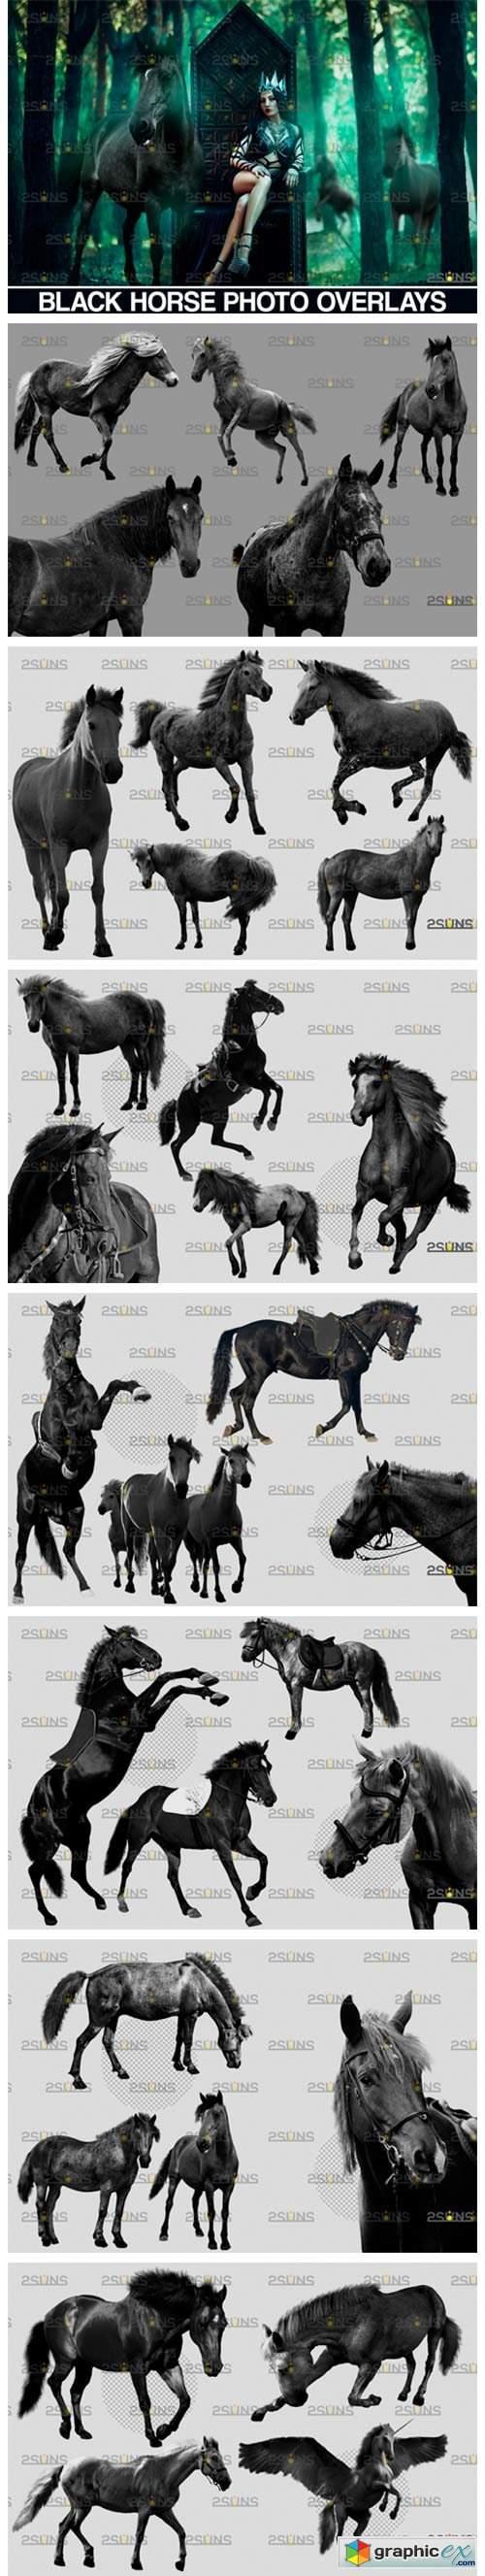 Photoshop Overlay Black Horse